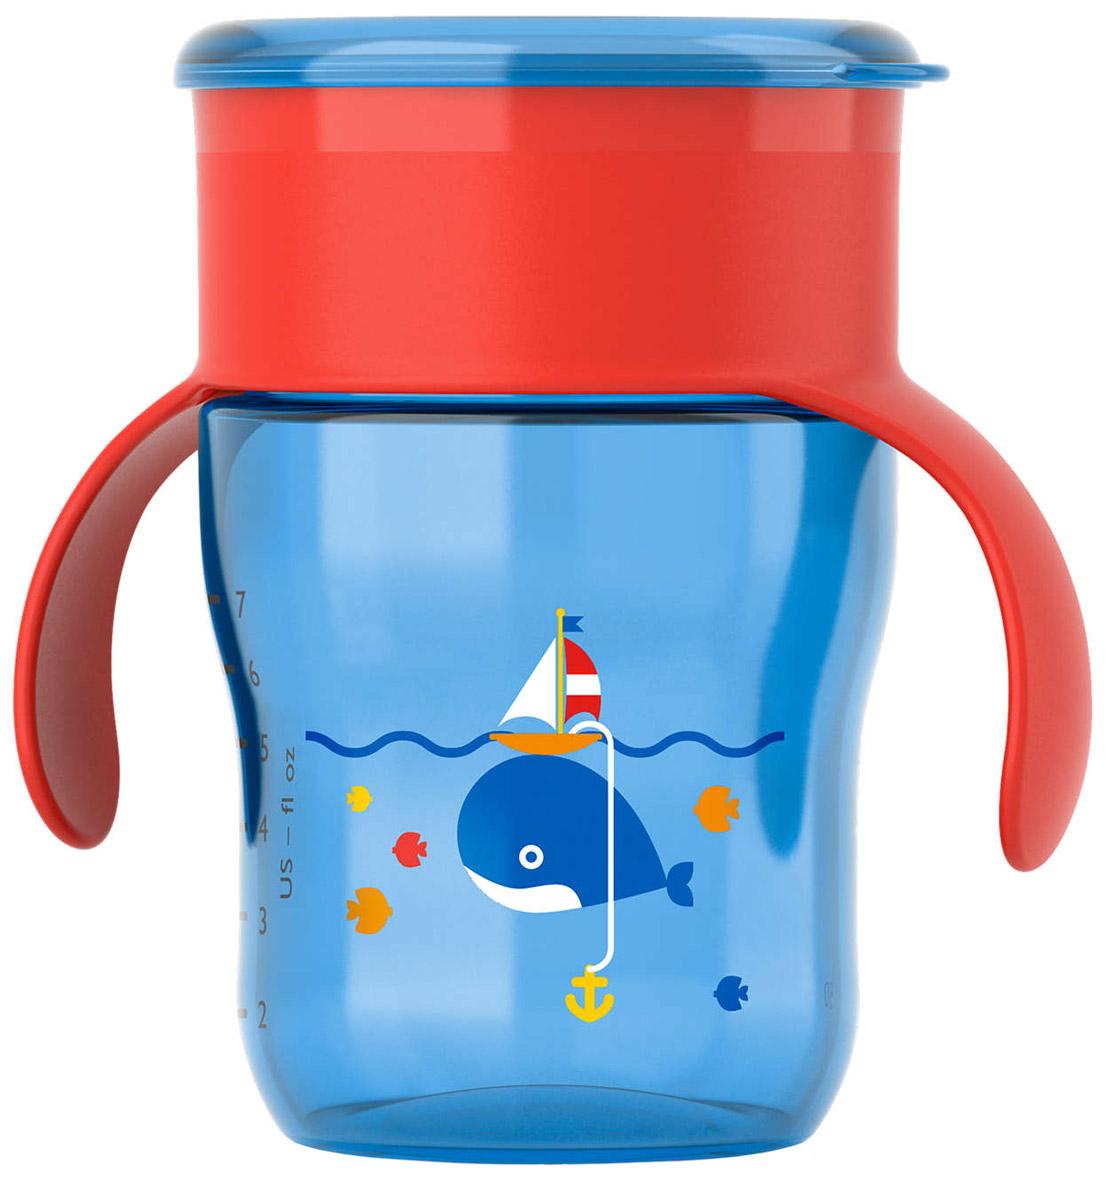 Philips Avent Чашка-поильник от 12 месяцев цвет голубой красный 260 мл кит SCF782/20 поильник чашка avent scf782 20 260 мл 12 синий с красной крышкой